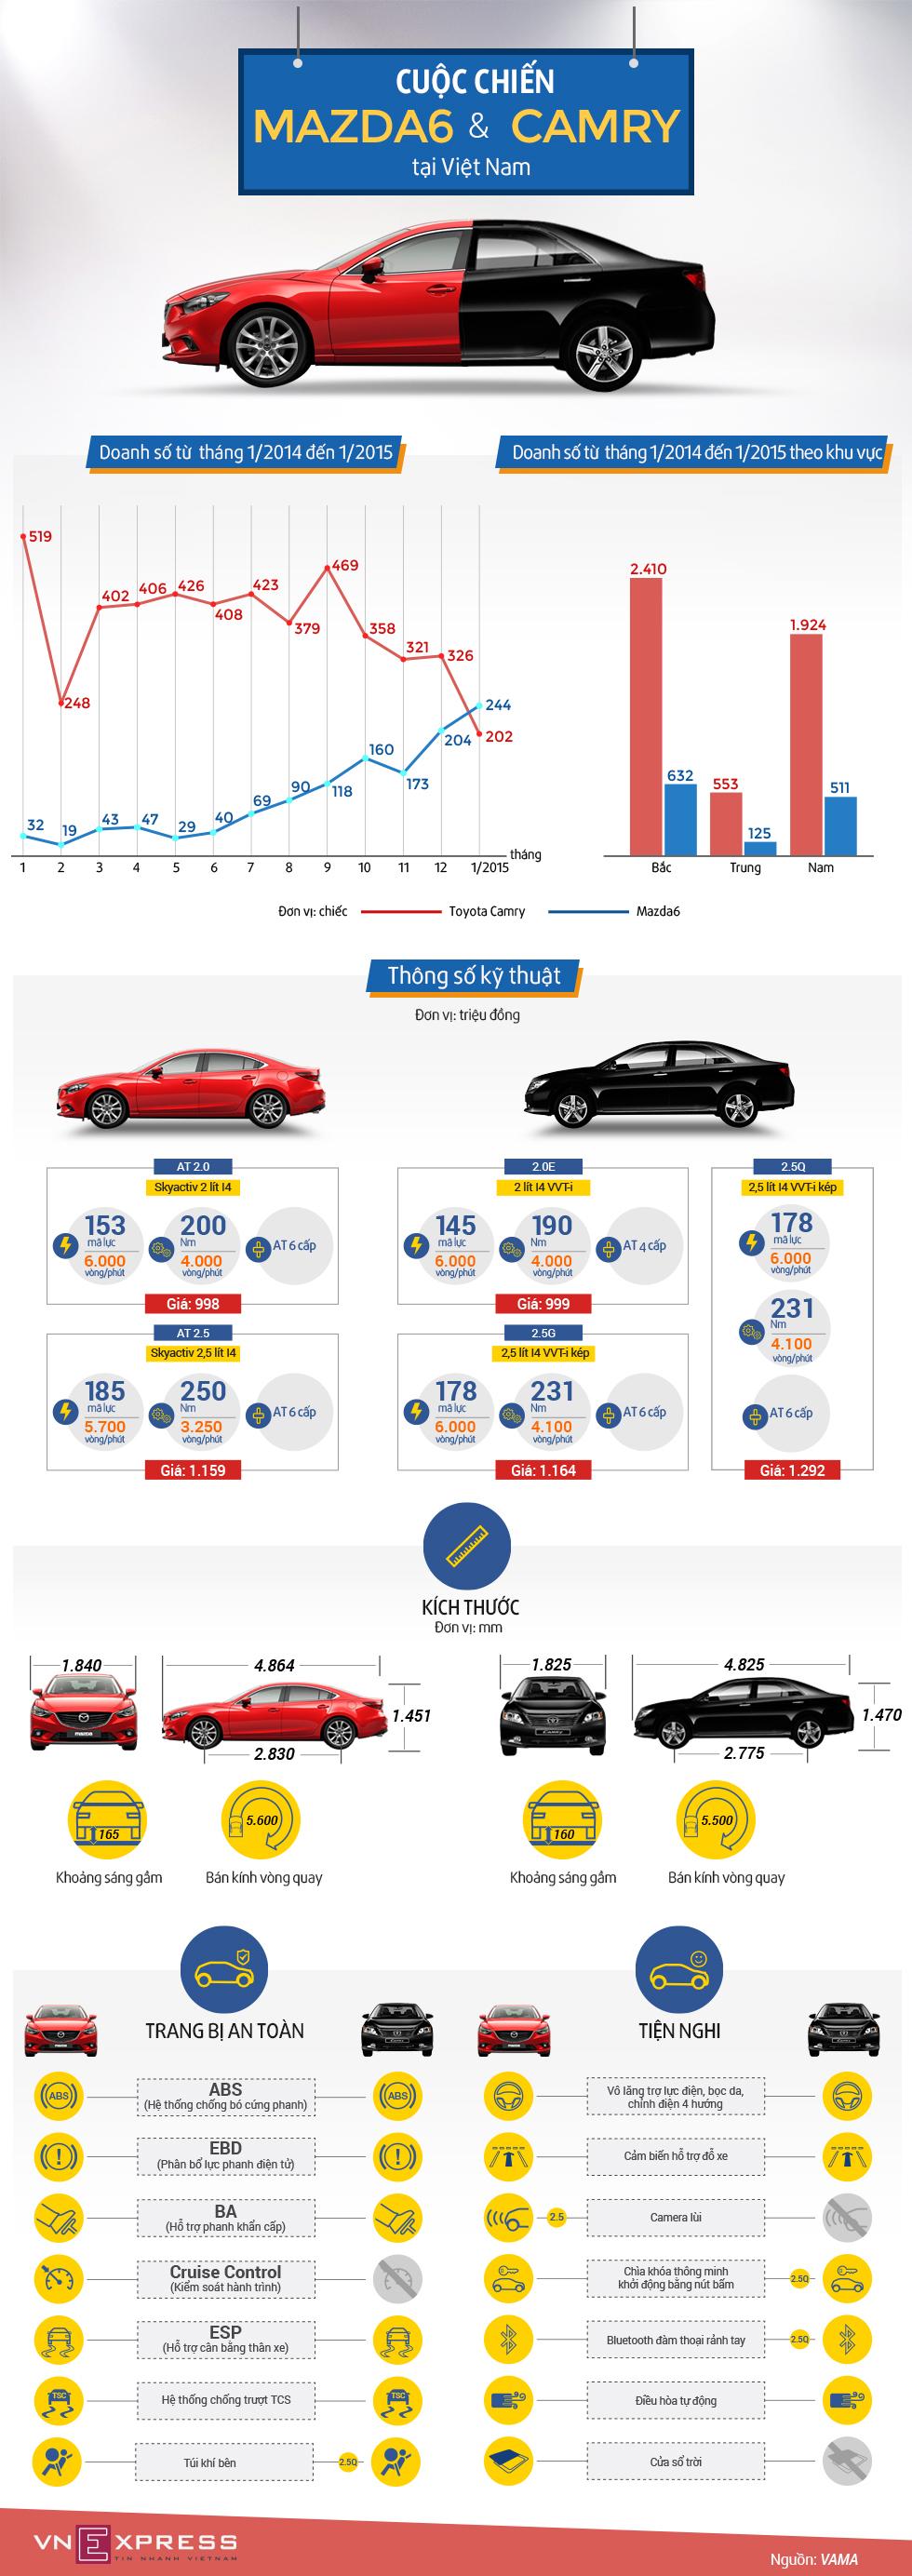 Cuộc đối đầu Mazda6 - Toyota Camry tại Việt Nam